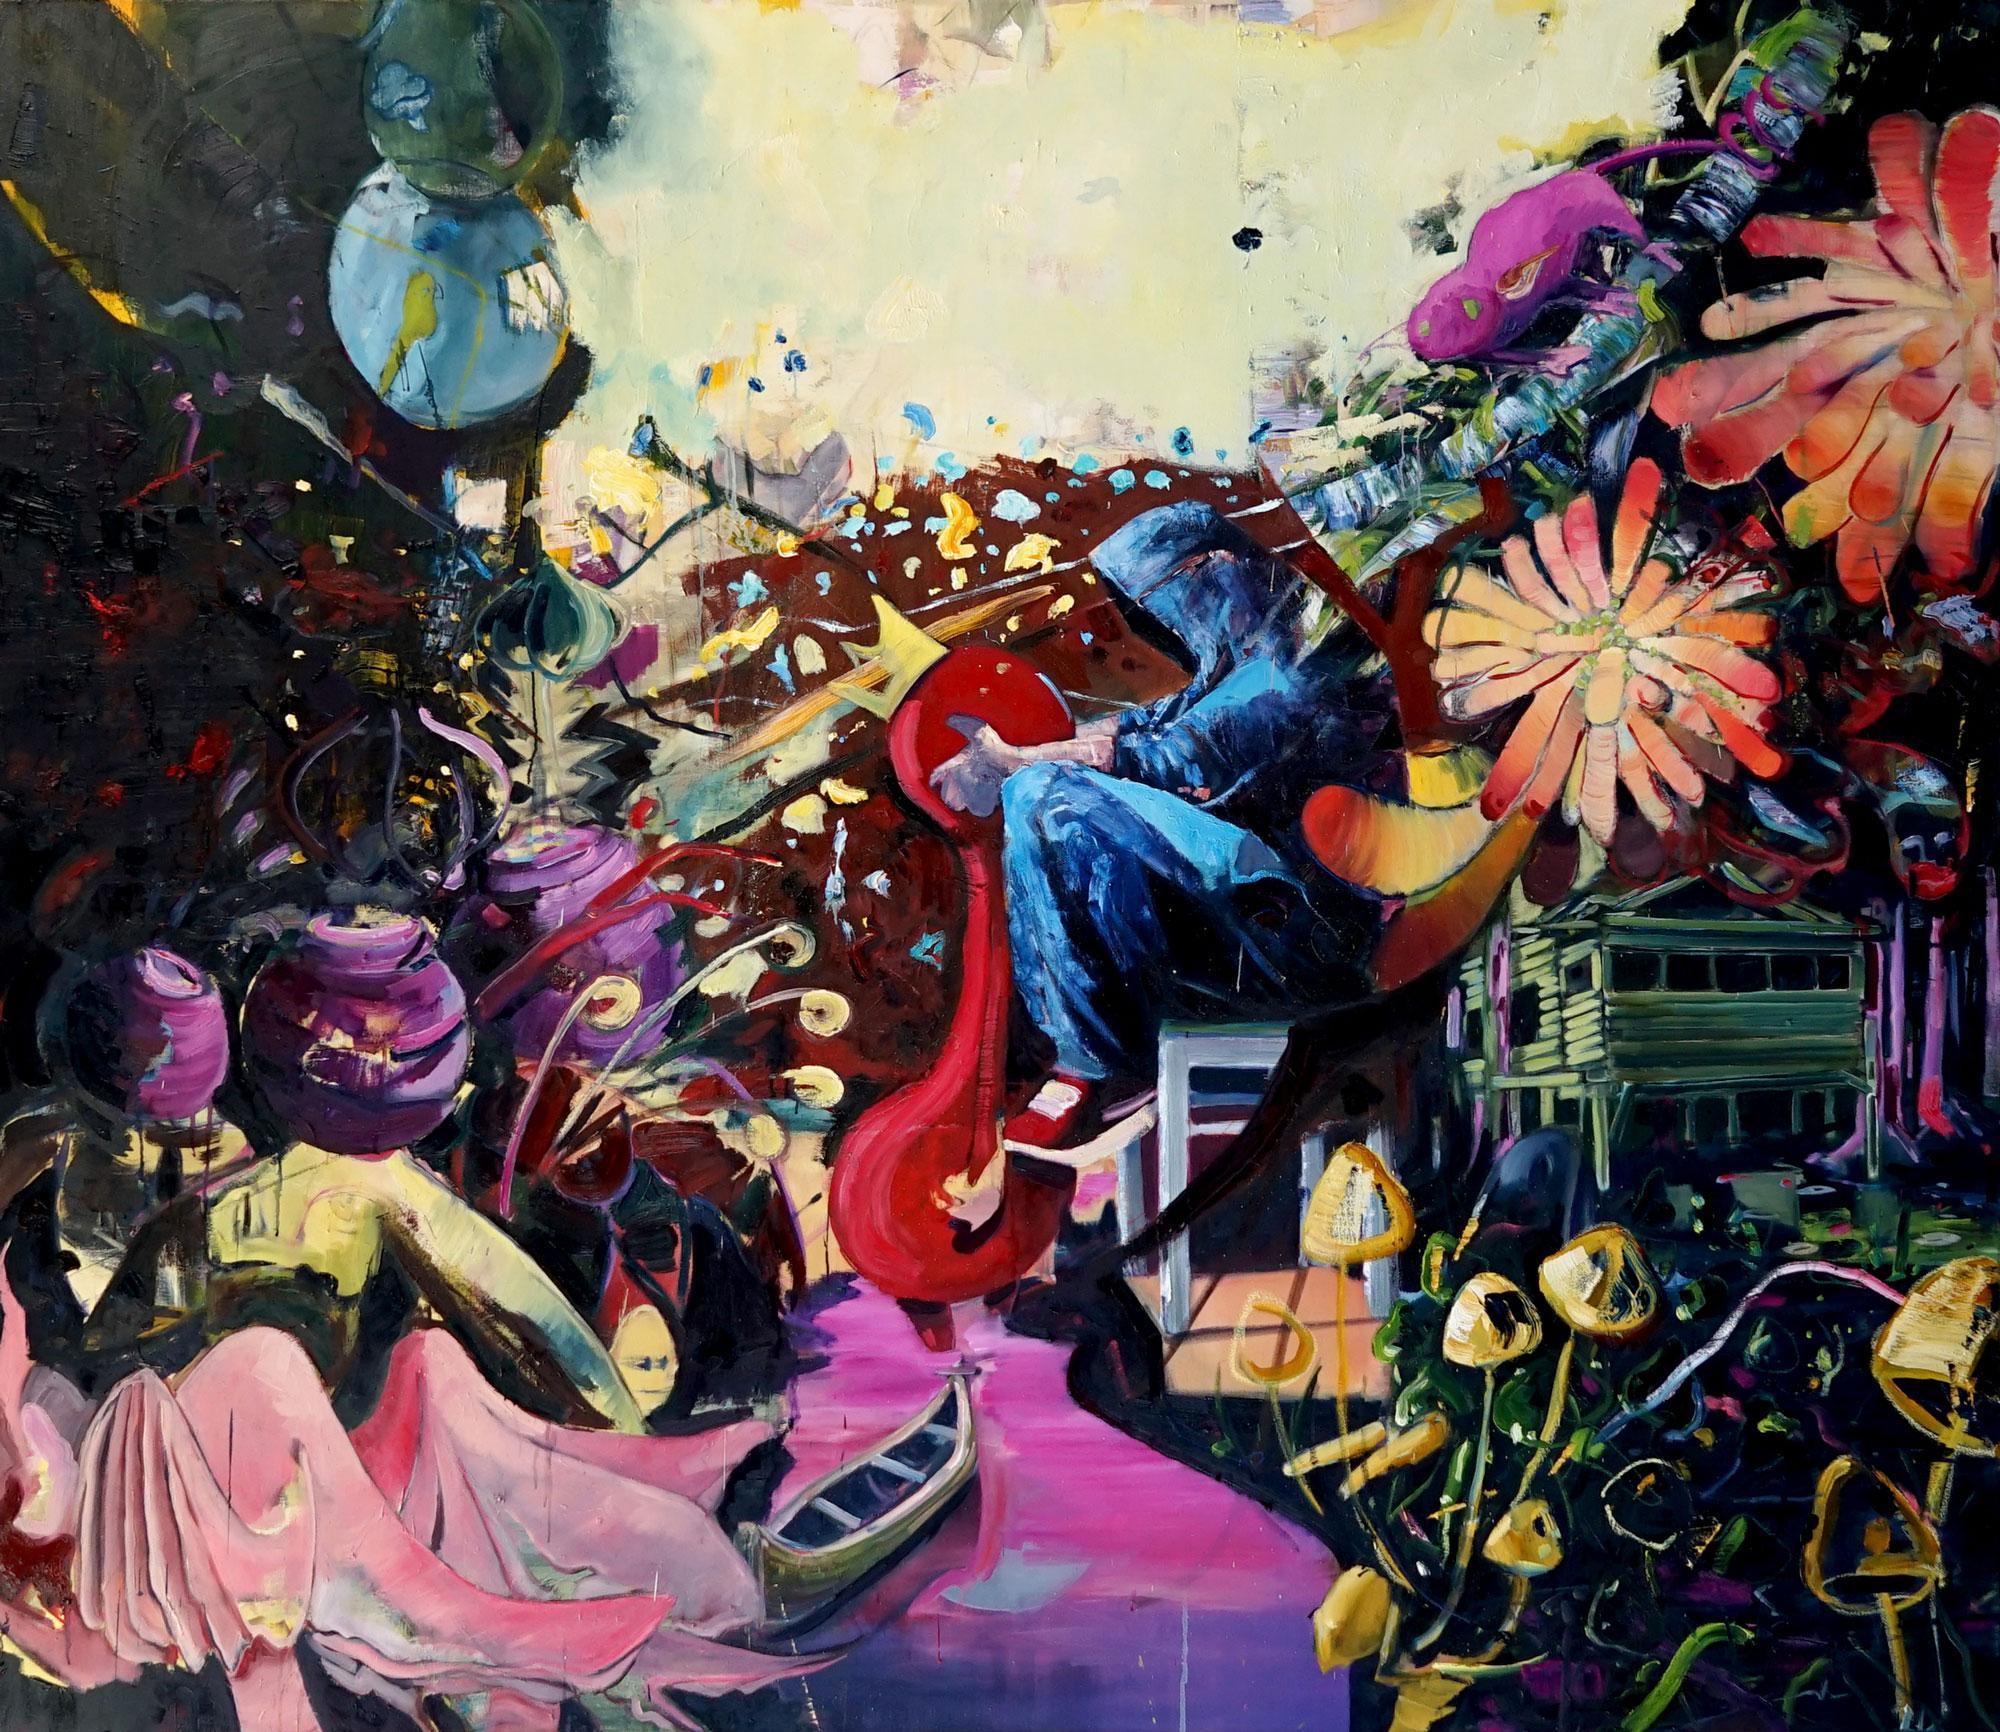 Philipp Kummer, Jede Geschichte ist wahr, 2020, Öl auf Leinwand, 200 x 230 cm